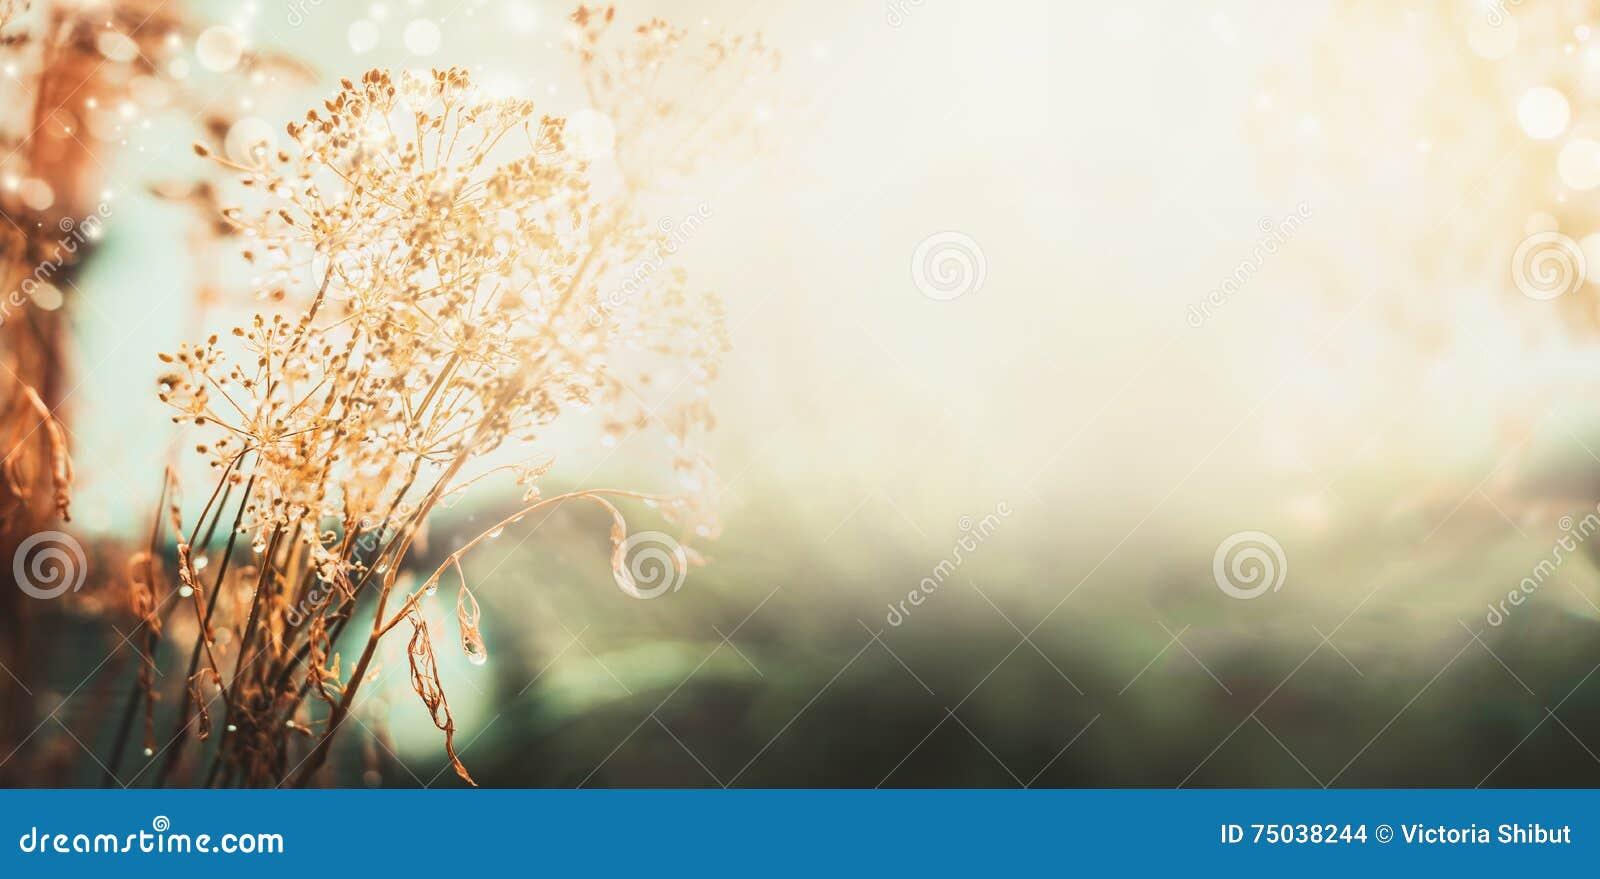 Fond de nature de paysage d automne Les fleurs sèches avec de l eau se laisse tomber après la pluie sur le champ, bannière